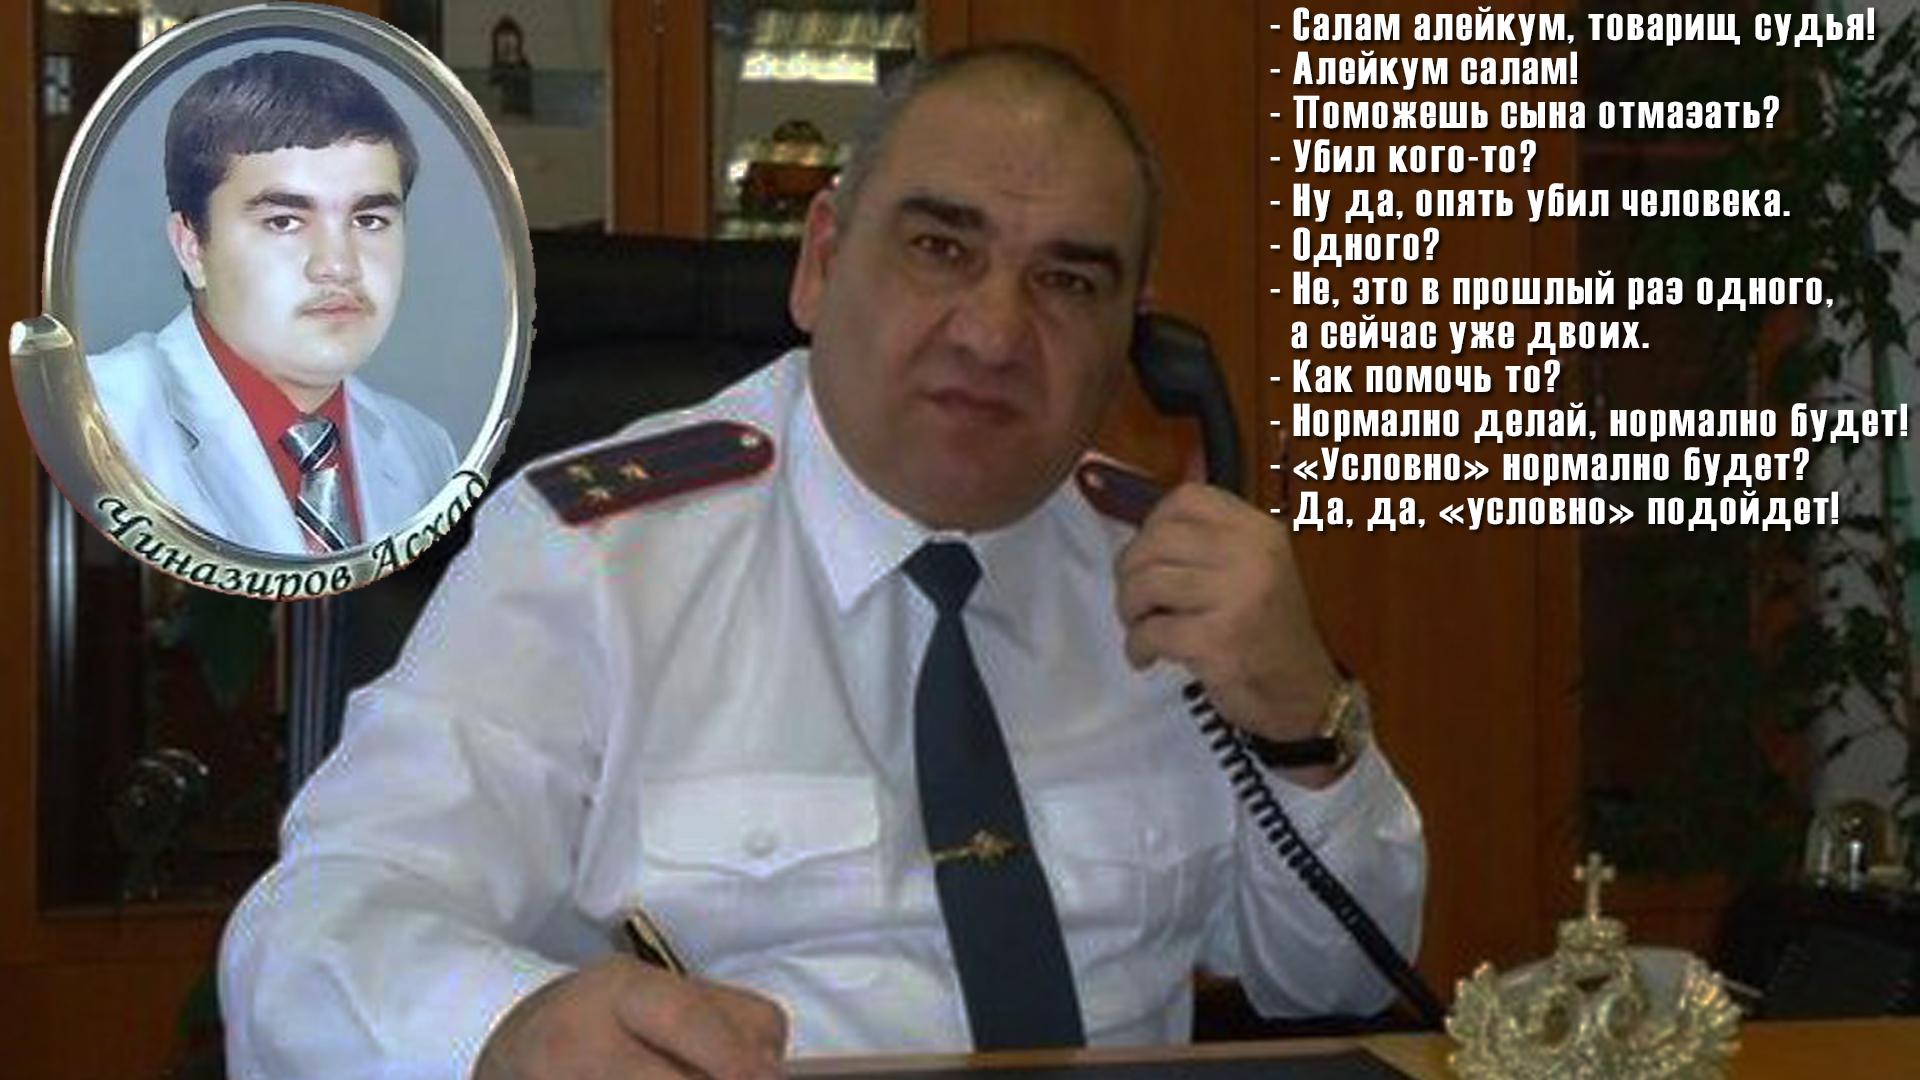 схема для сдачи экзамена в гаи в ульяновске